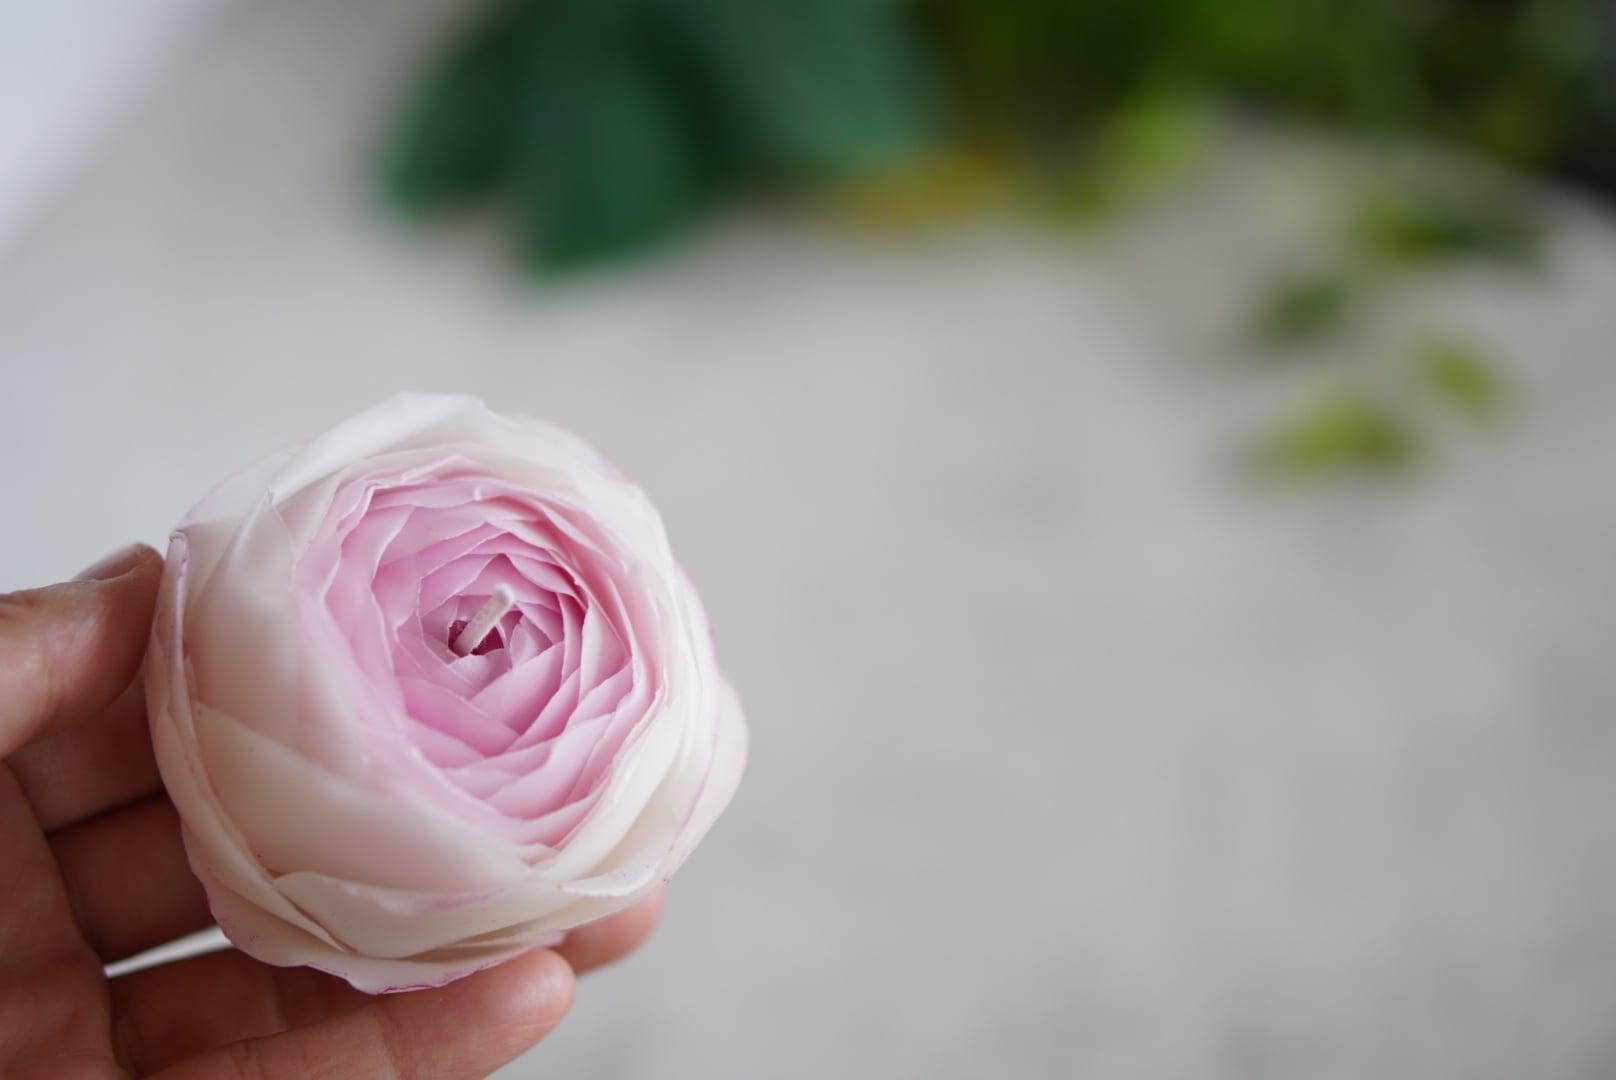 ピエールドゥロンサール(バラ)のキャンドル